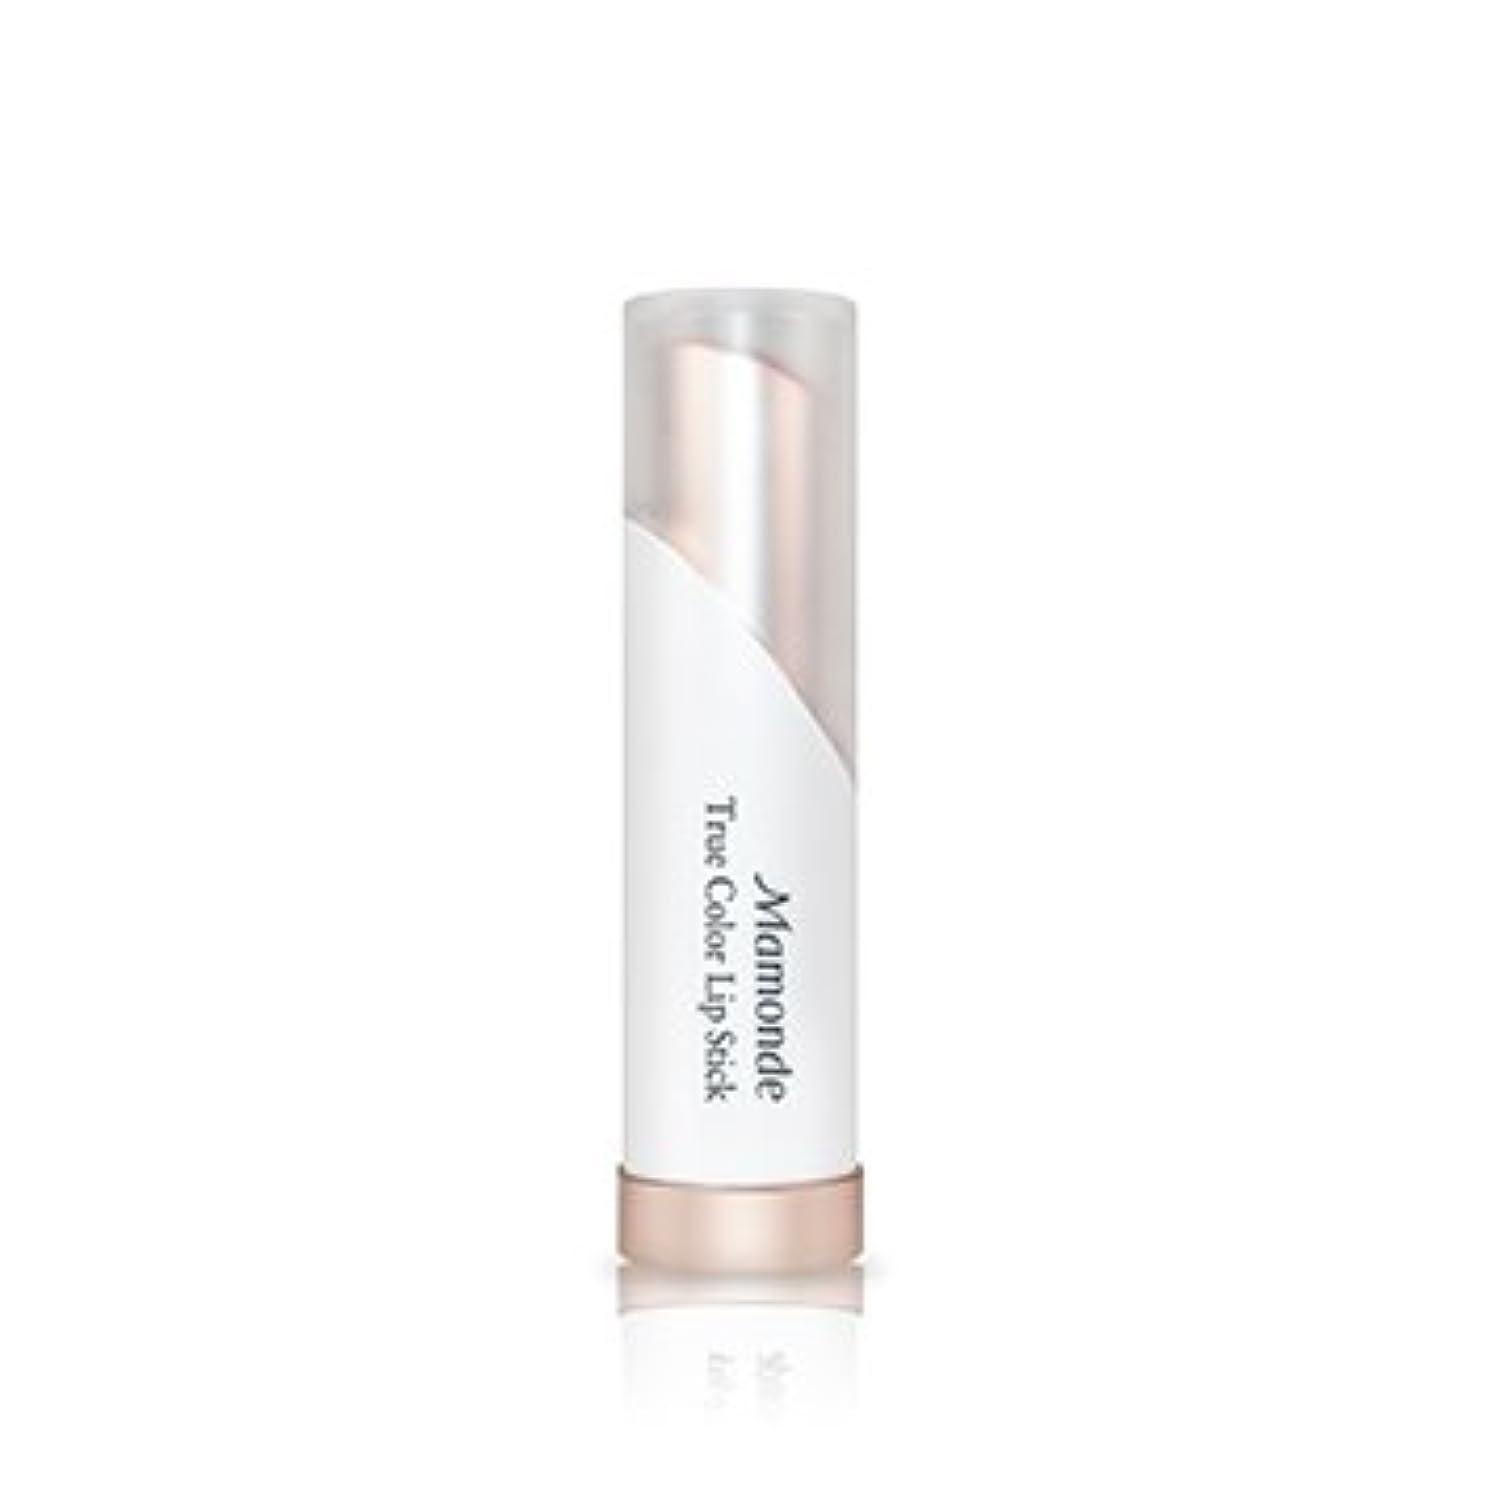 トン歌手終点[New] Mamonde True Color Lip Stick 3.5g/マモンド トゥルー カラー リップスティック 3.5g (#11 Happiness) [並行輸入品]